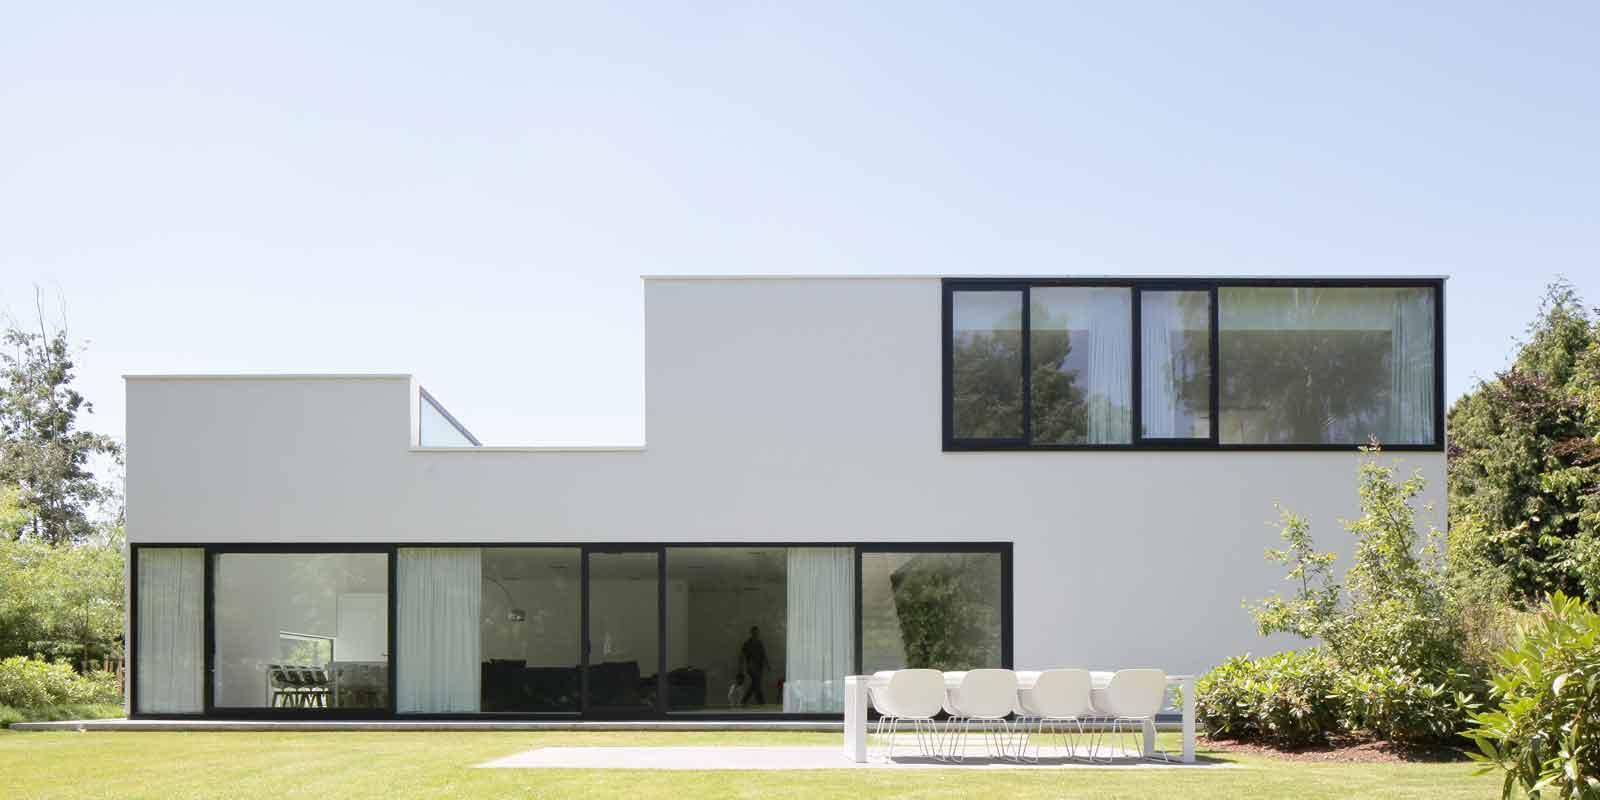 Strak, minimalistisch, Beckers Noyez